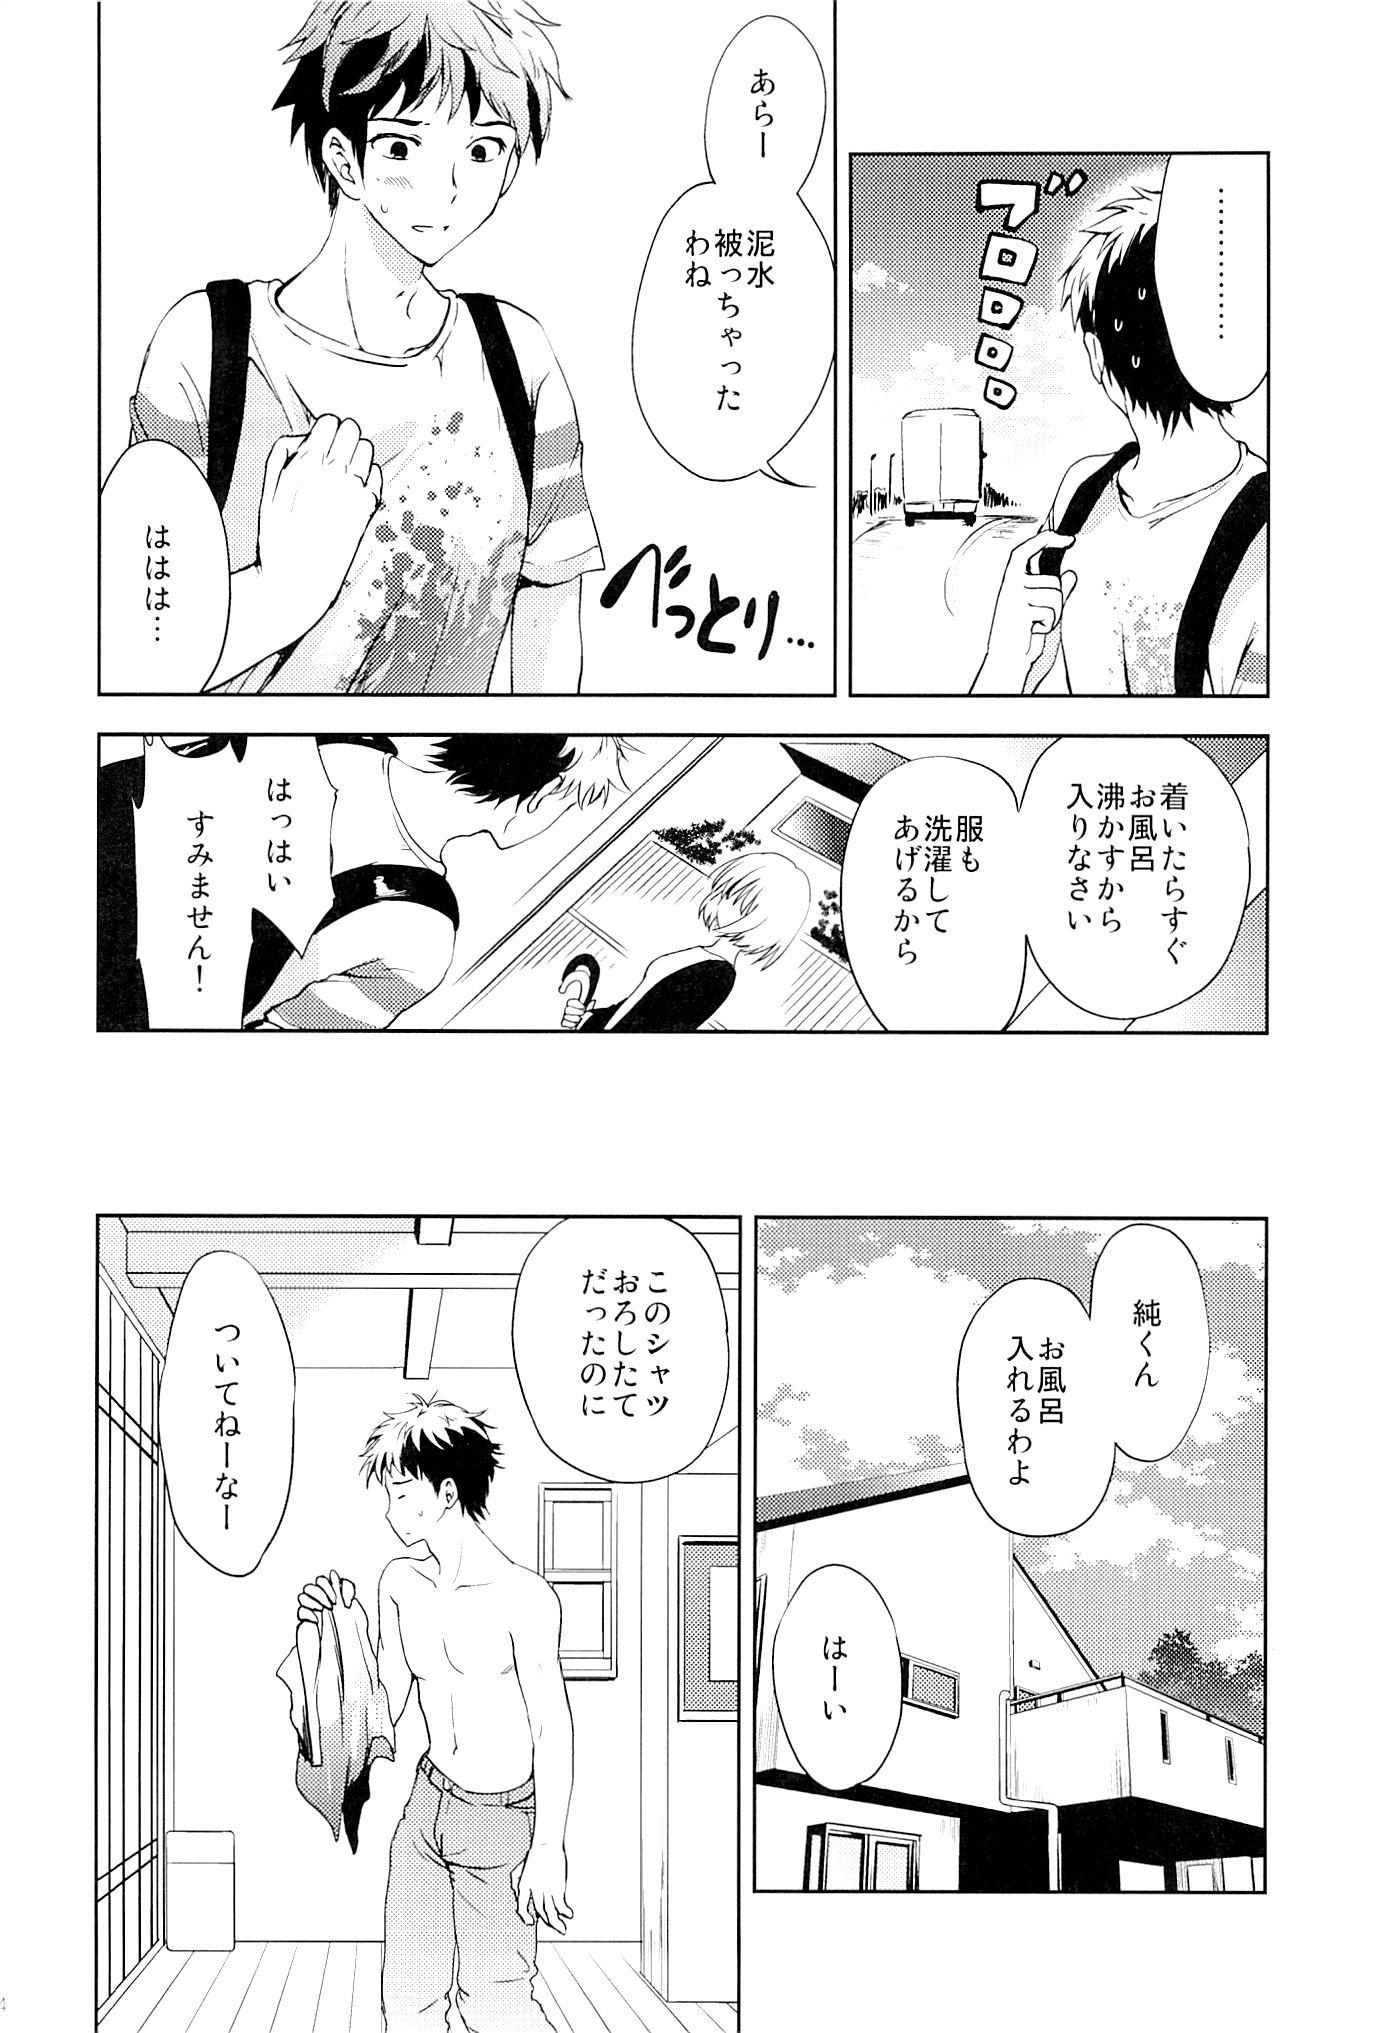 【エロ漫画・エロ同人誌】親戚の家に行ってロリJSのイトコと一緒にお風呂入ったら勃起しちゃったw我慢出来なくなって中出しセックスしちゃってアナルまでしちゃったよねwww 夏休みの過ごし方 (3)